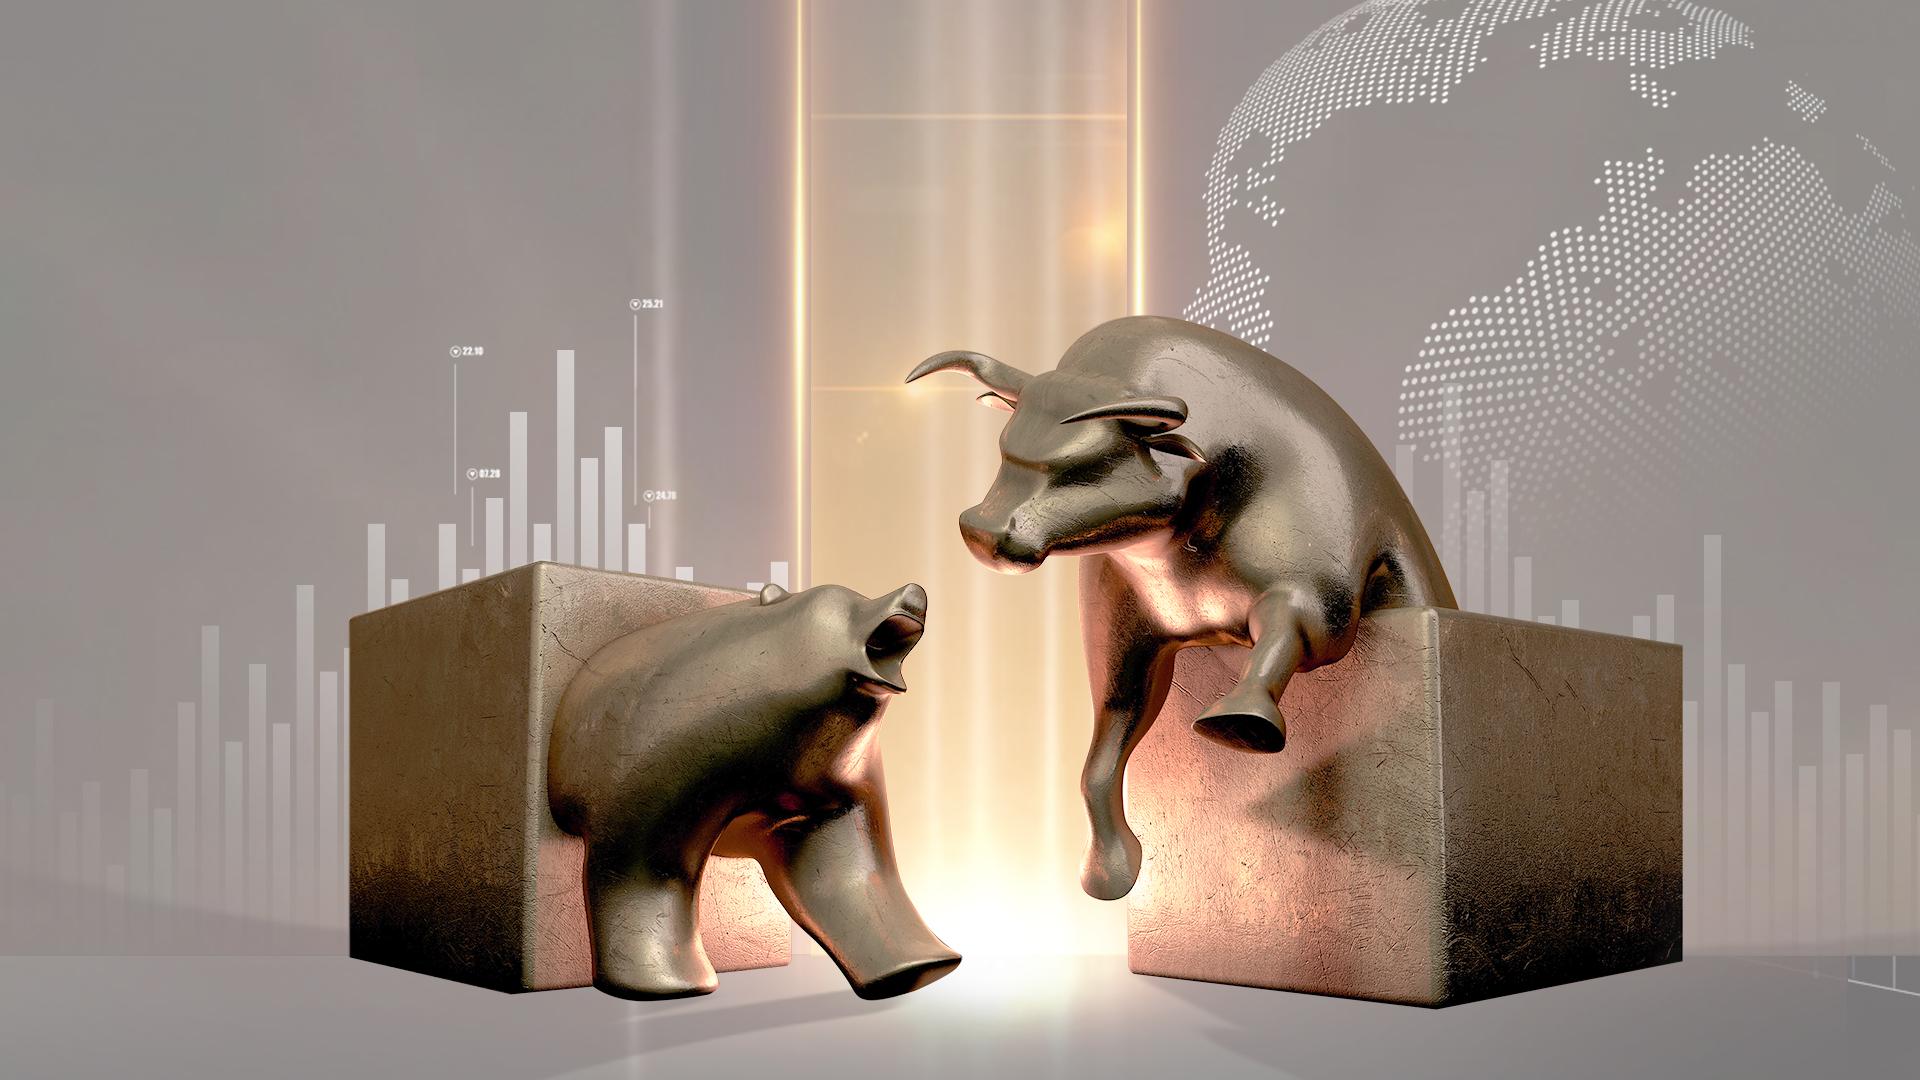 Đầu tư như thế nào để đón sóng thị trường chứng khoán cuối năm thành công